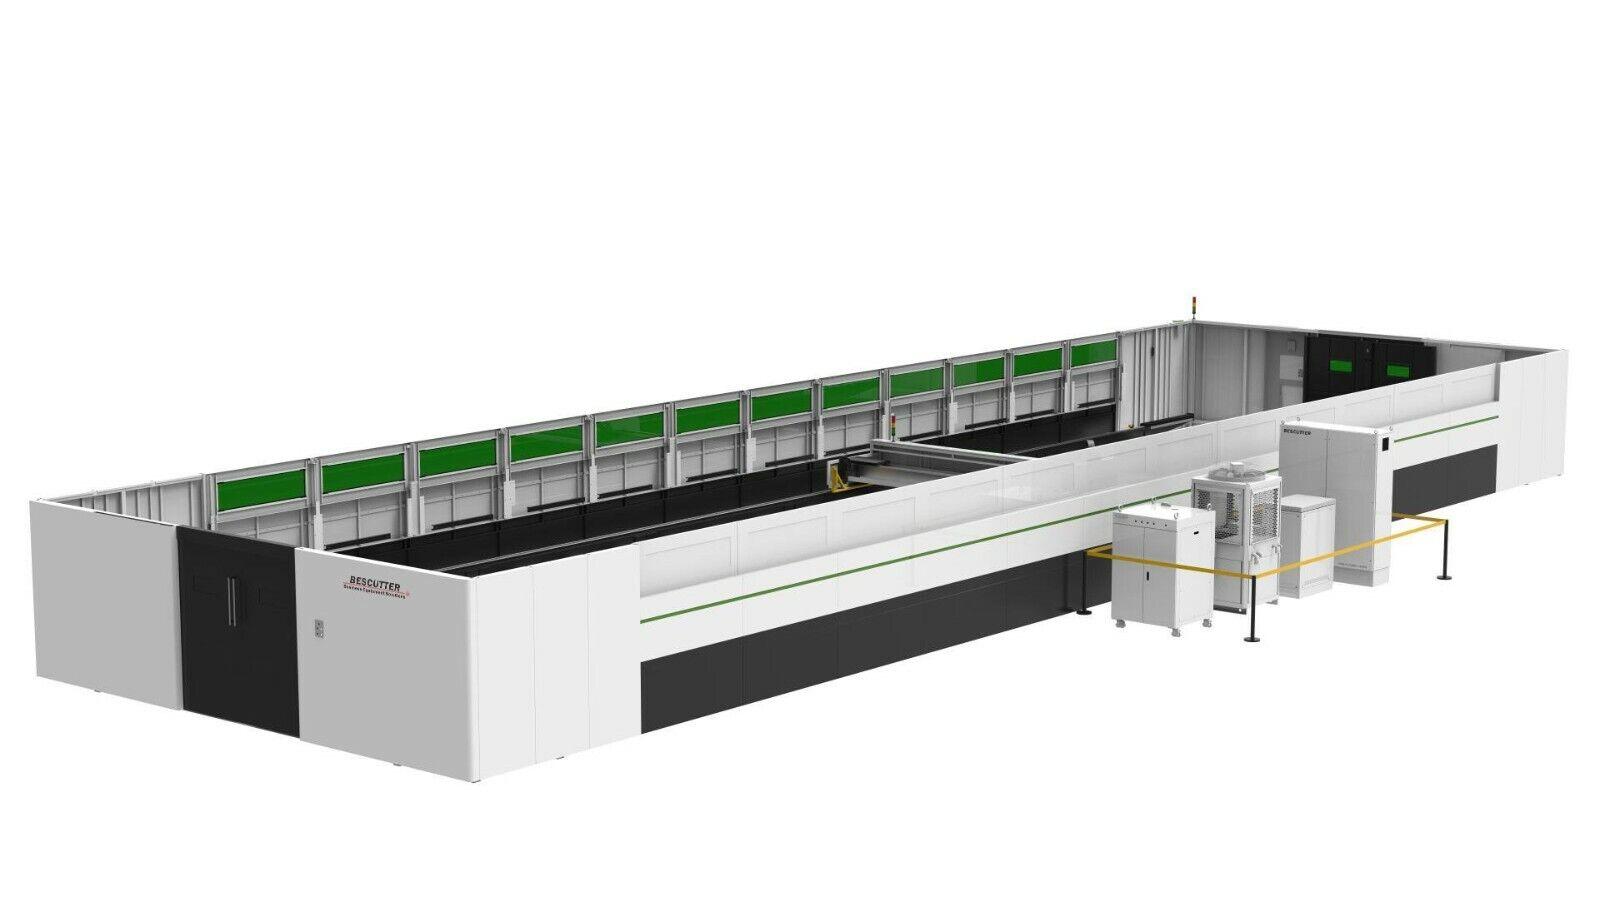 NEW BESCUTTER GIGA SERIES 12KW 10'X40' IPG FIBER LASER CUTTER